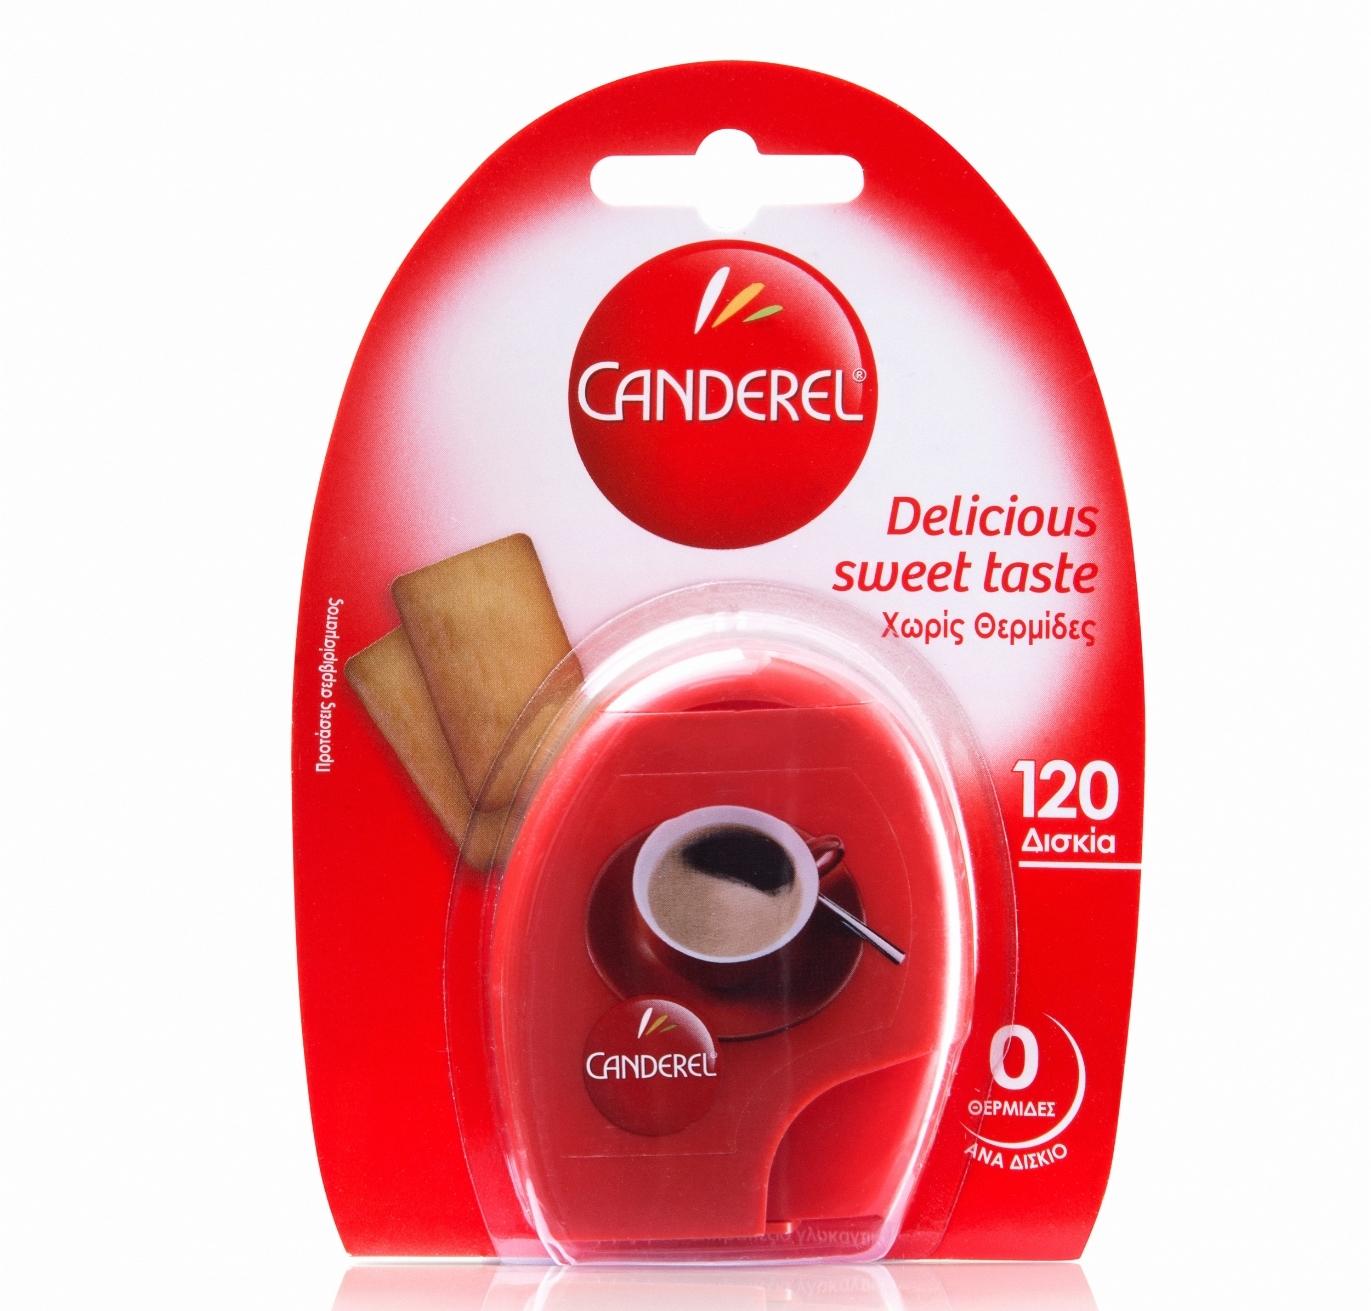 Canderel Original